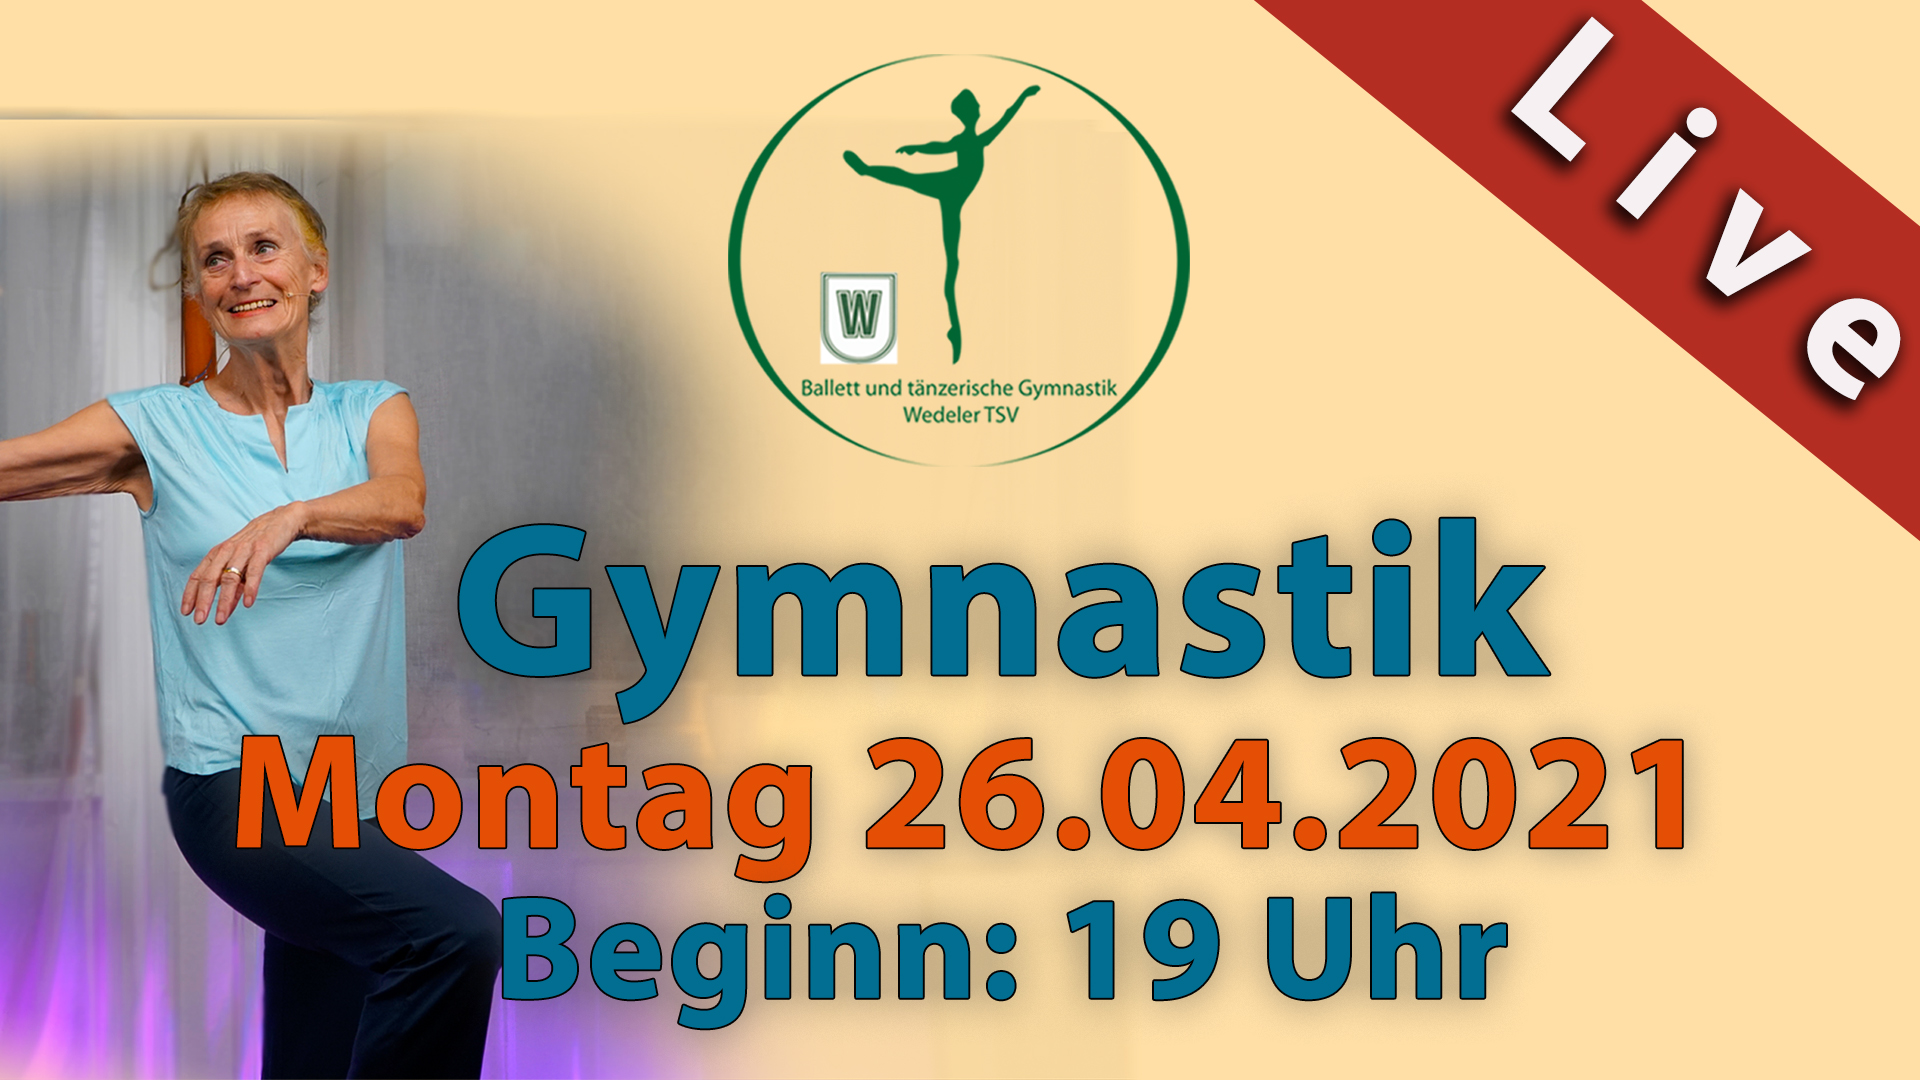 Gymnastik Livestream | Mo 26.04.2021 | 19 Uhr